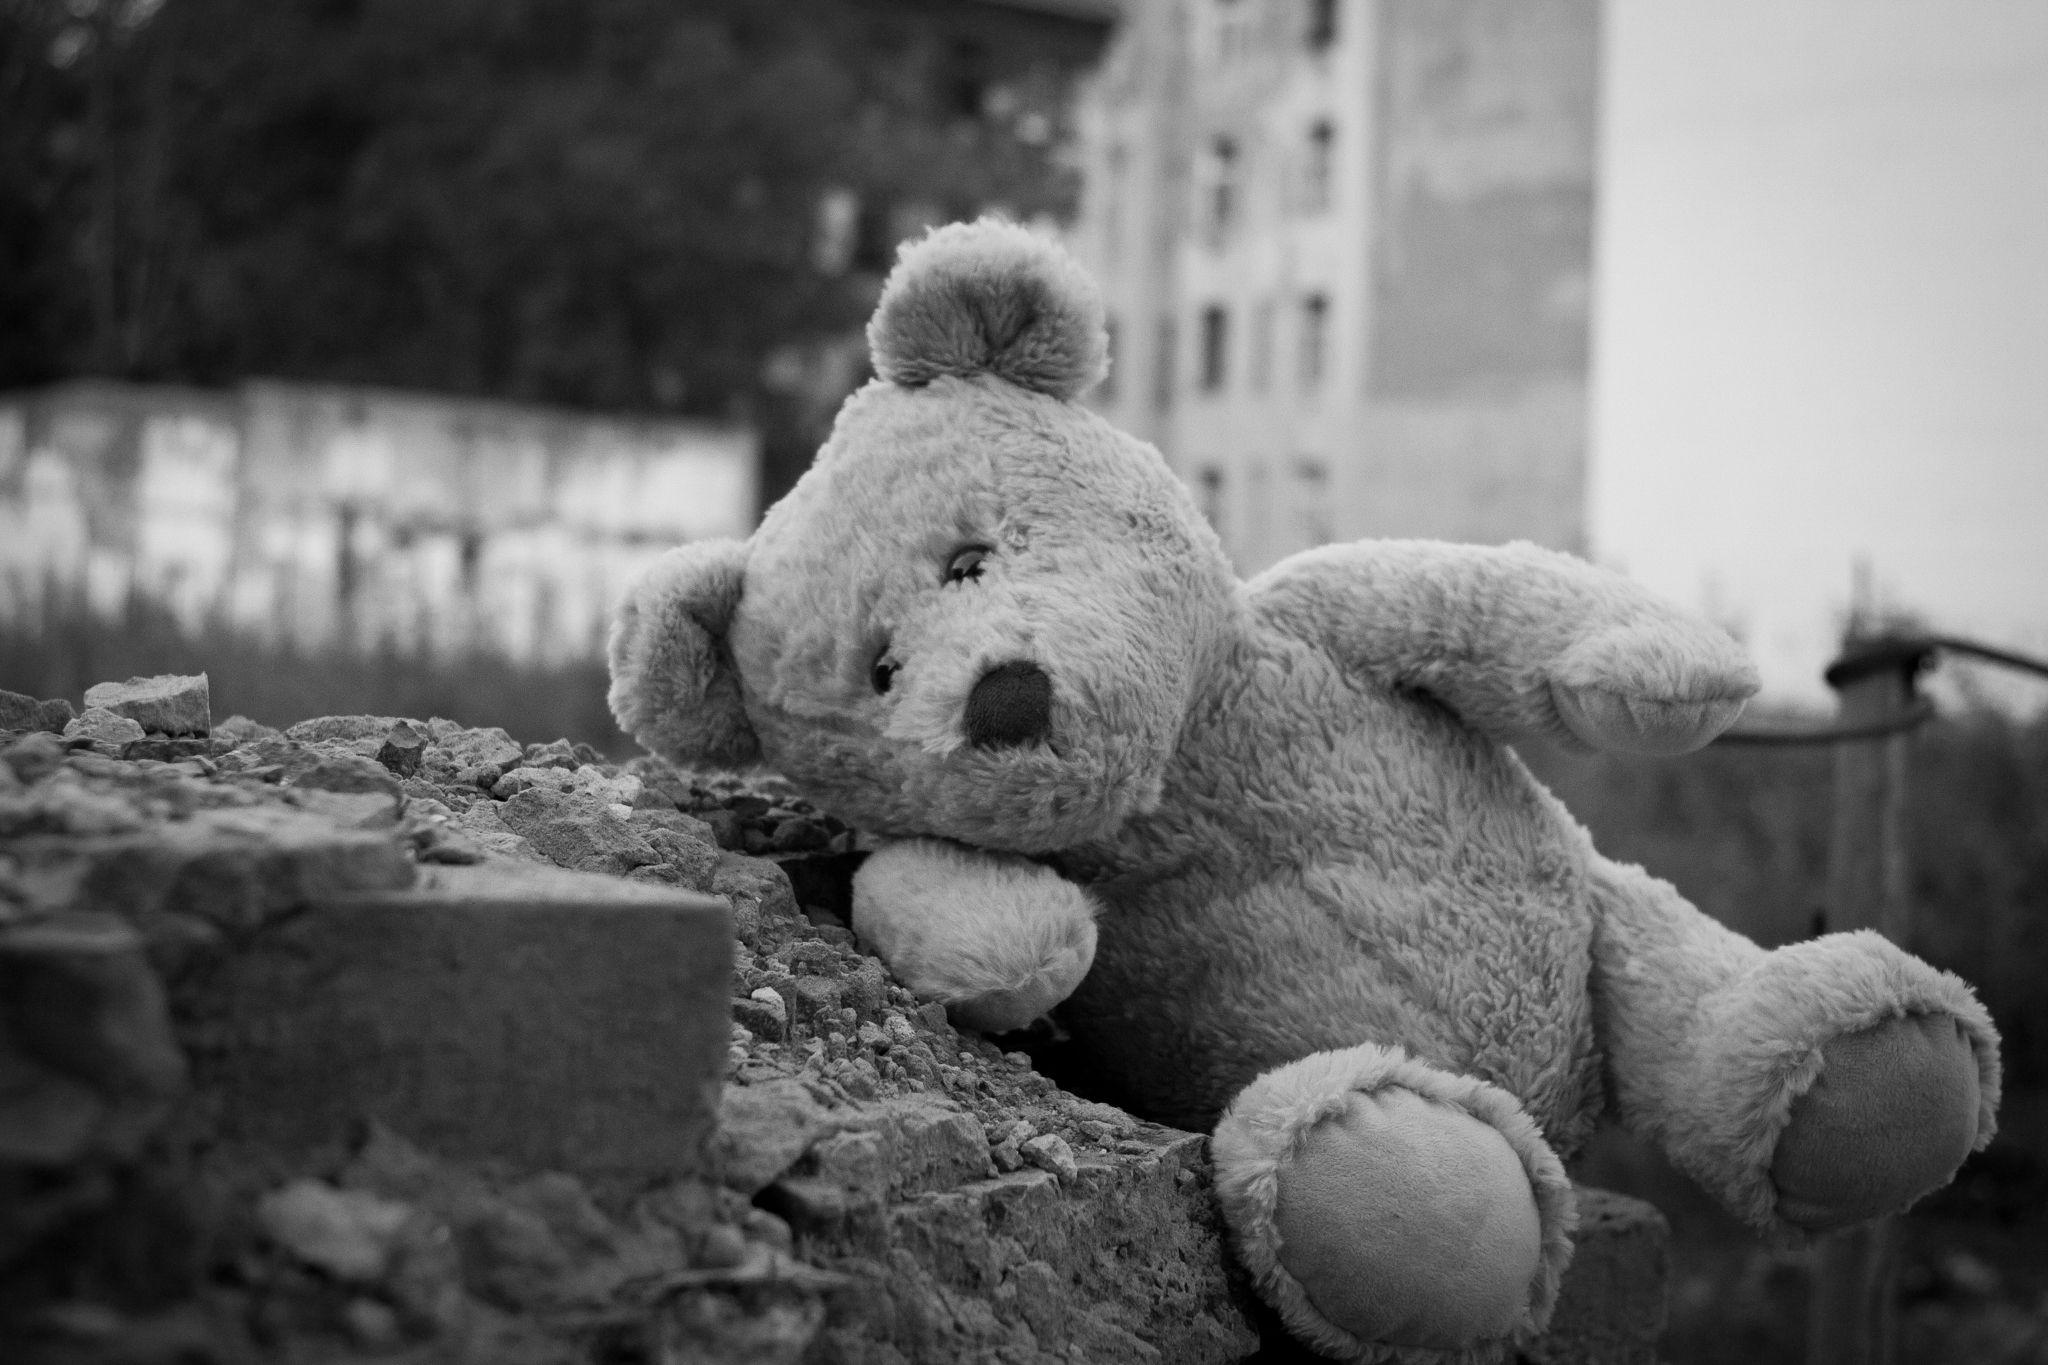 На обочине найдена годовалая замёрзшая девочка